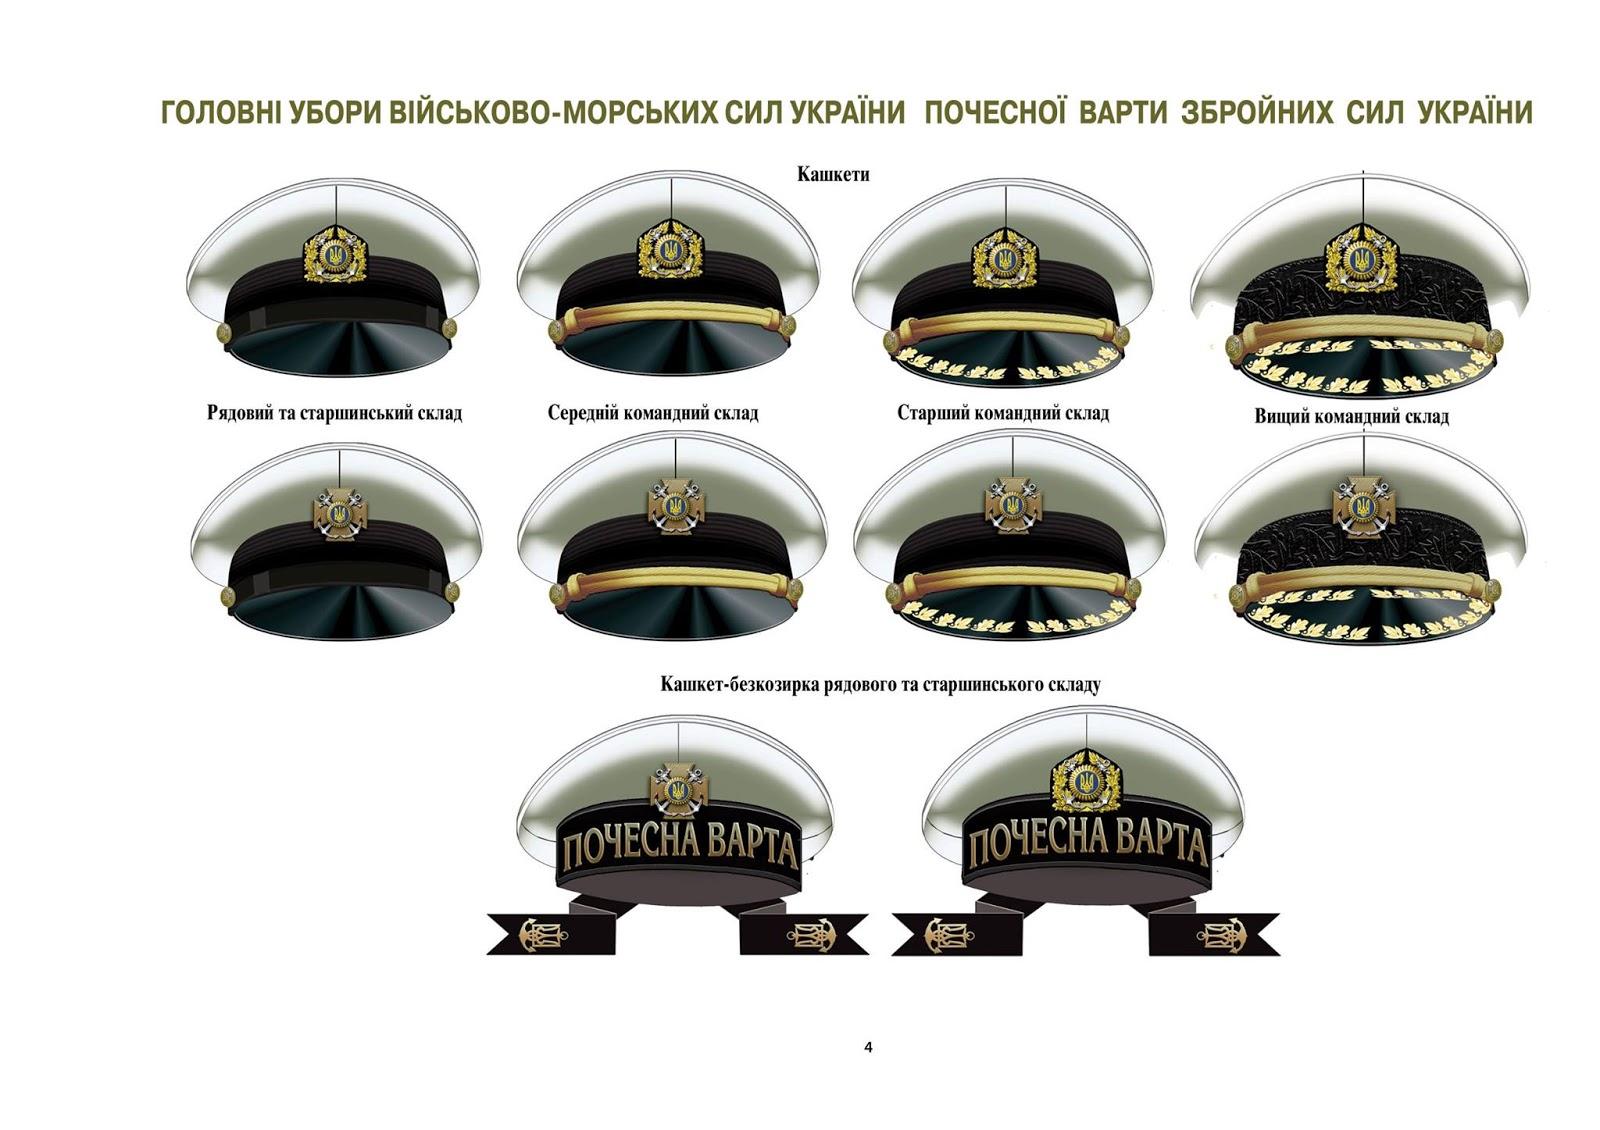 Головні убори, кашкети ВМС